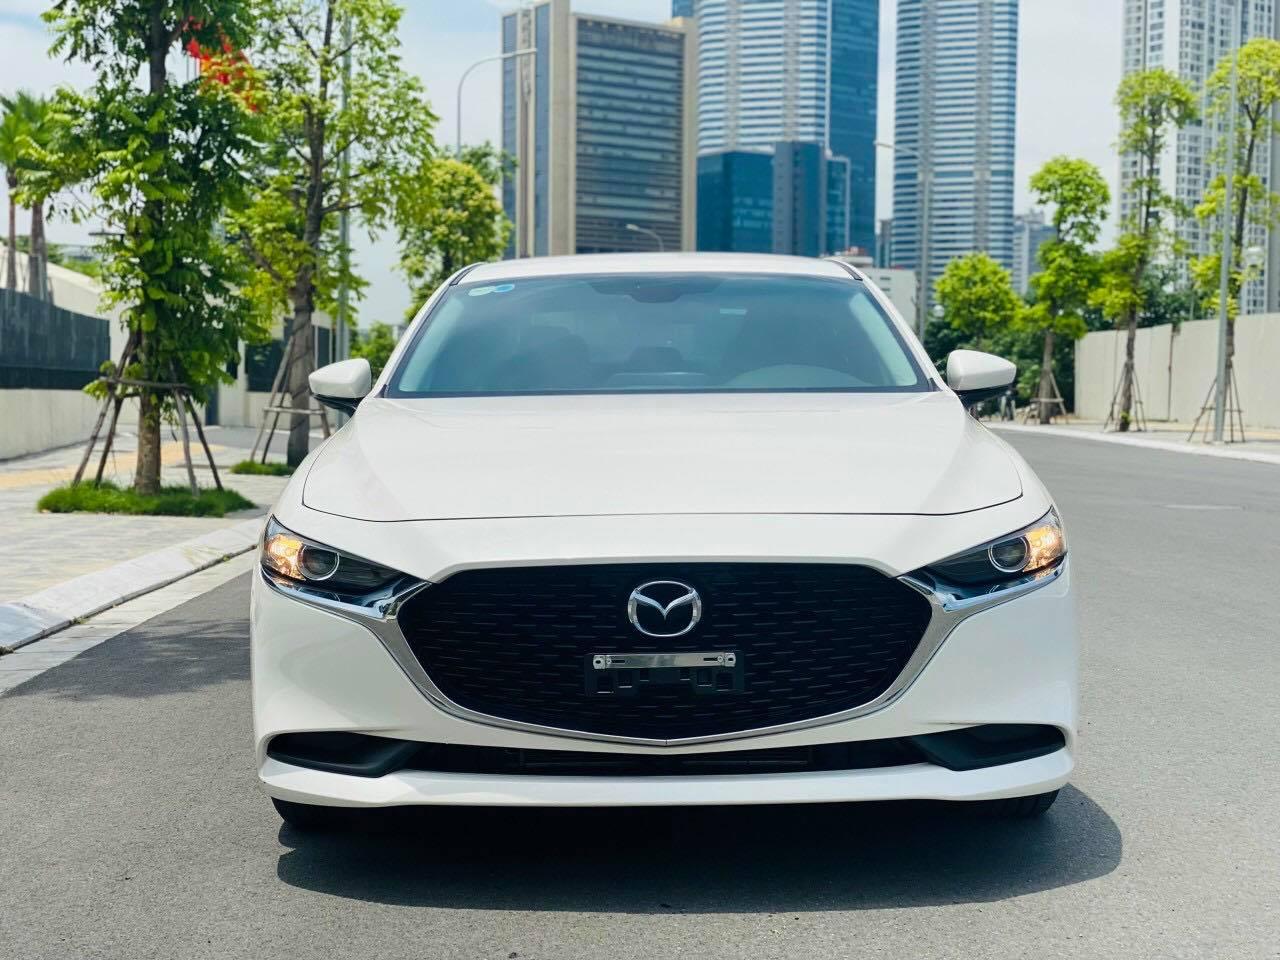 """Mazda 3 Deluxe lướt lên sàn xe cũ, chủ xe """"bay"""" ngay hơn 120 triệu đồng - Ảnh 3."""